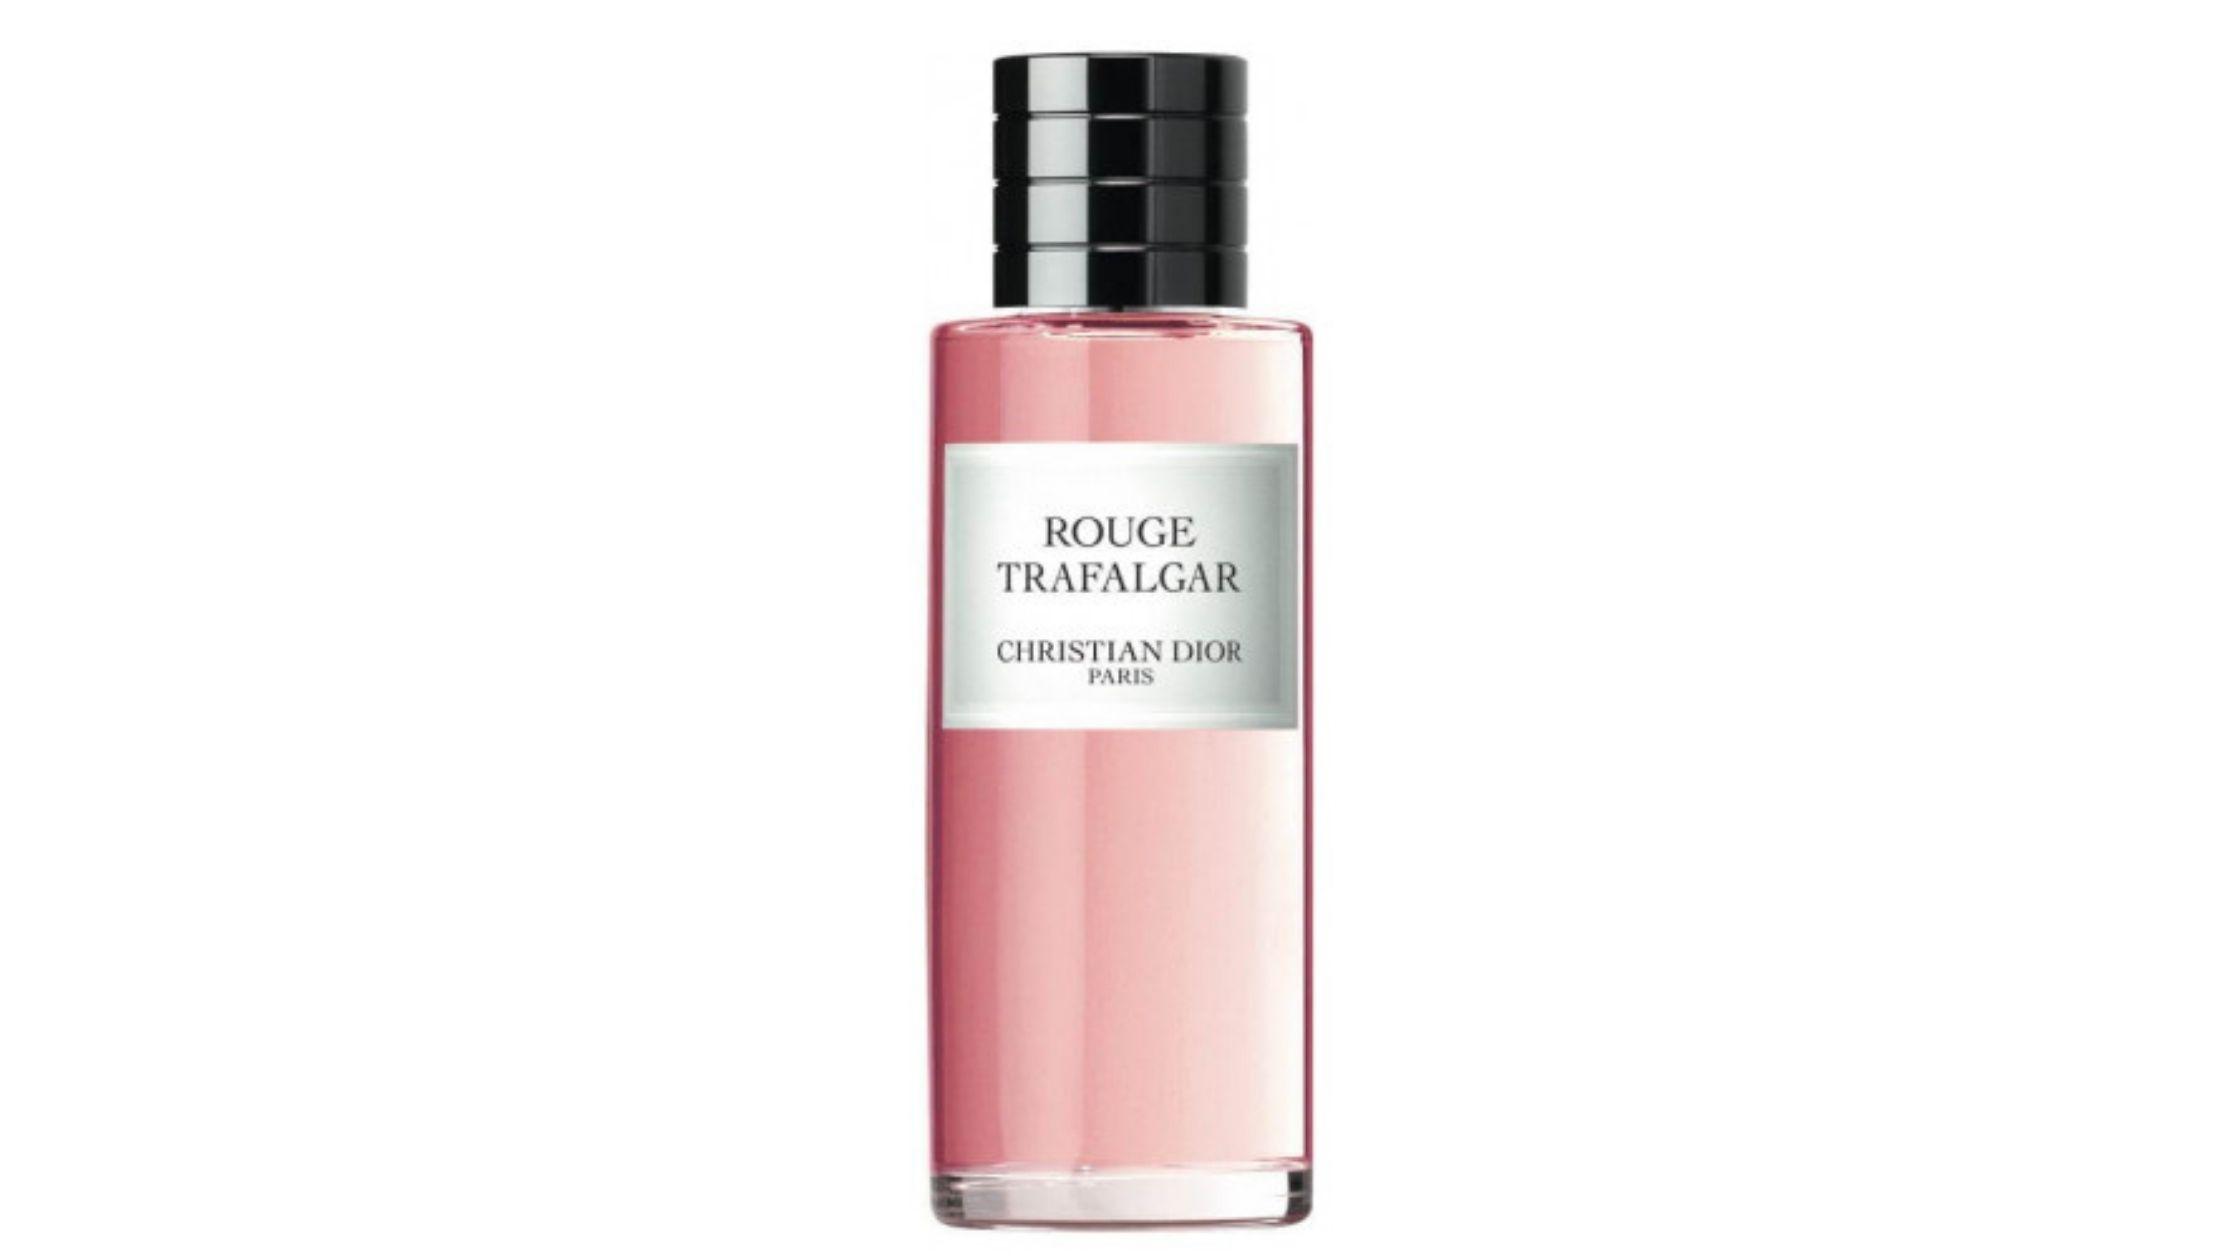 ルージュ トラファルガー(Rouge Trafalgar) メゾン クリスチャン ディオール(MaisonChristian Dior)